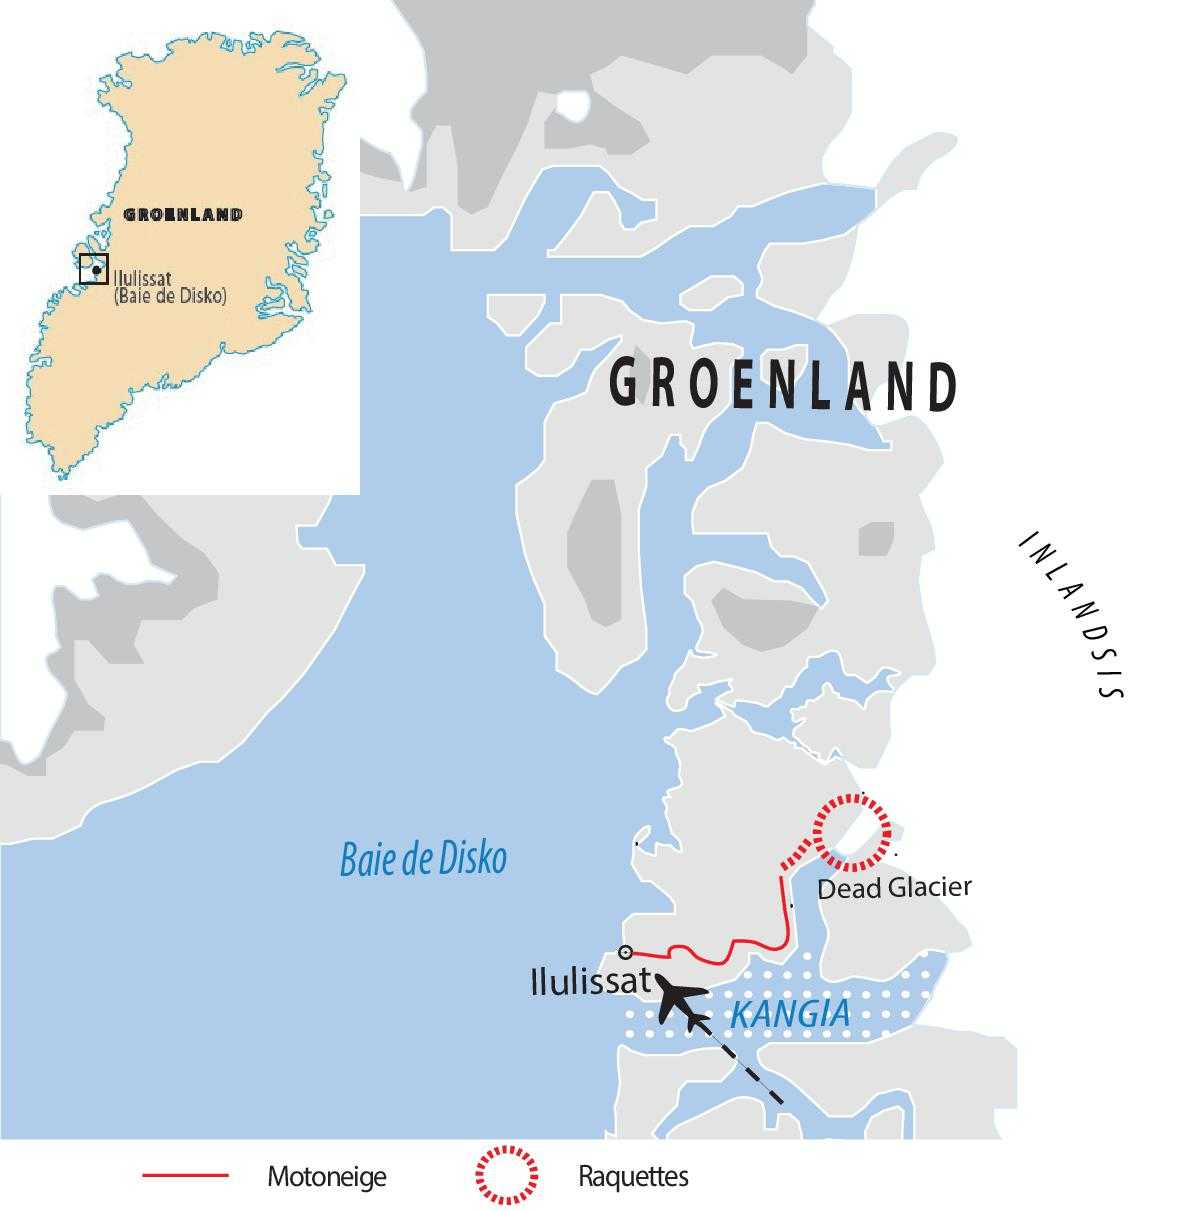 Carte voyage motoneige et raquettes au Groenland l'hiver